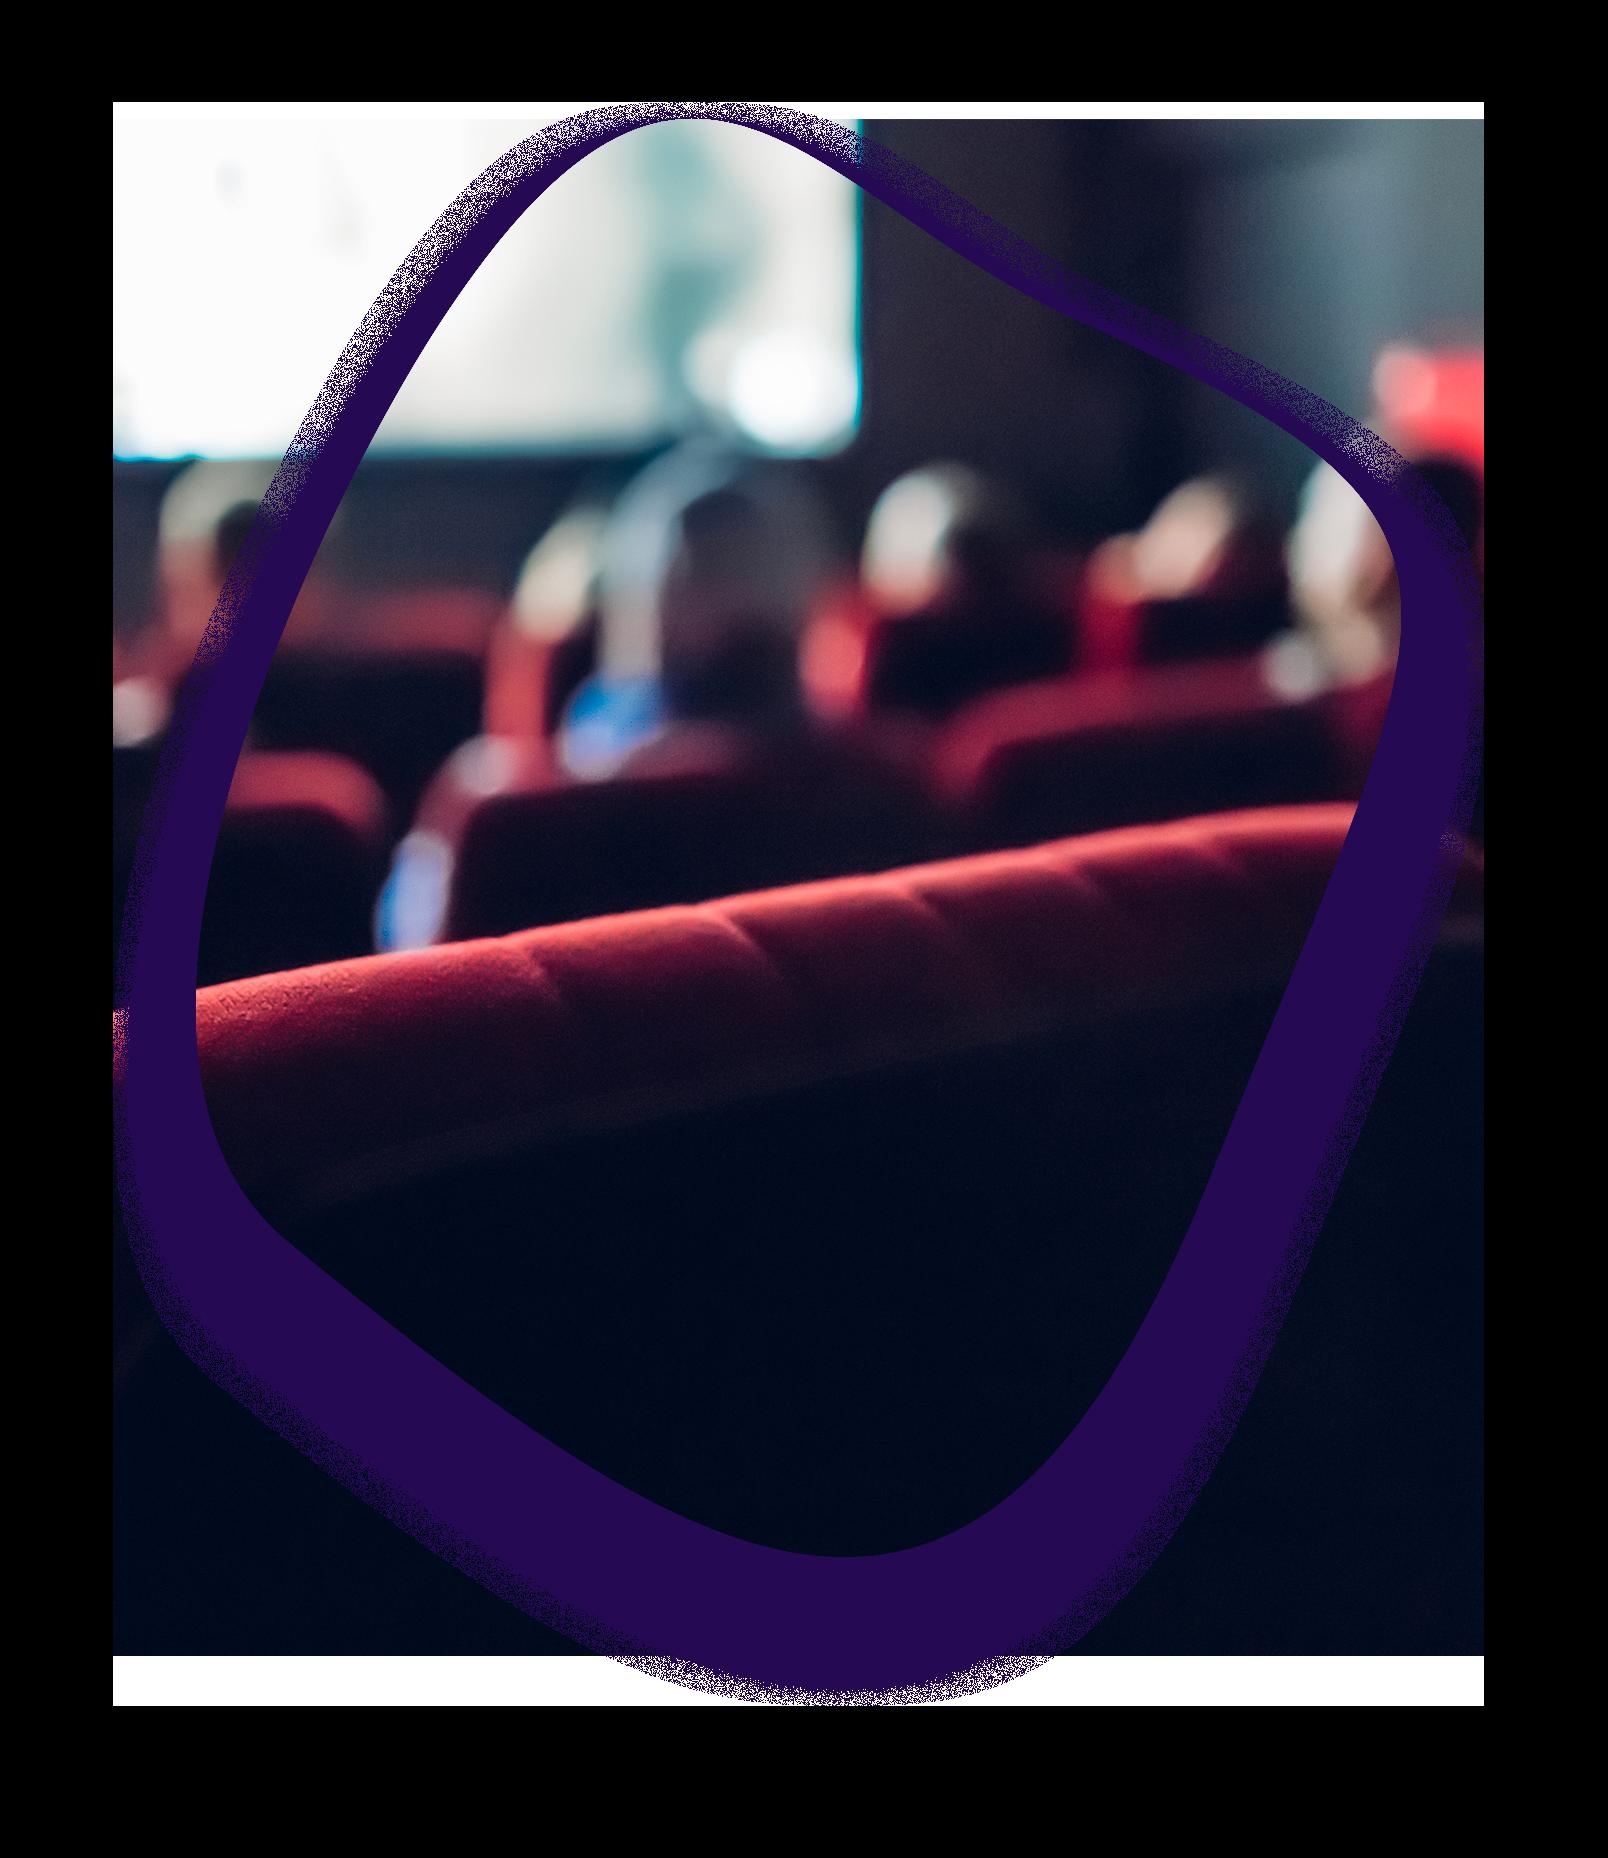 ici se trouve une photo d'un fauteuil dans une salle de cinéma